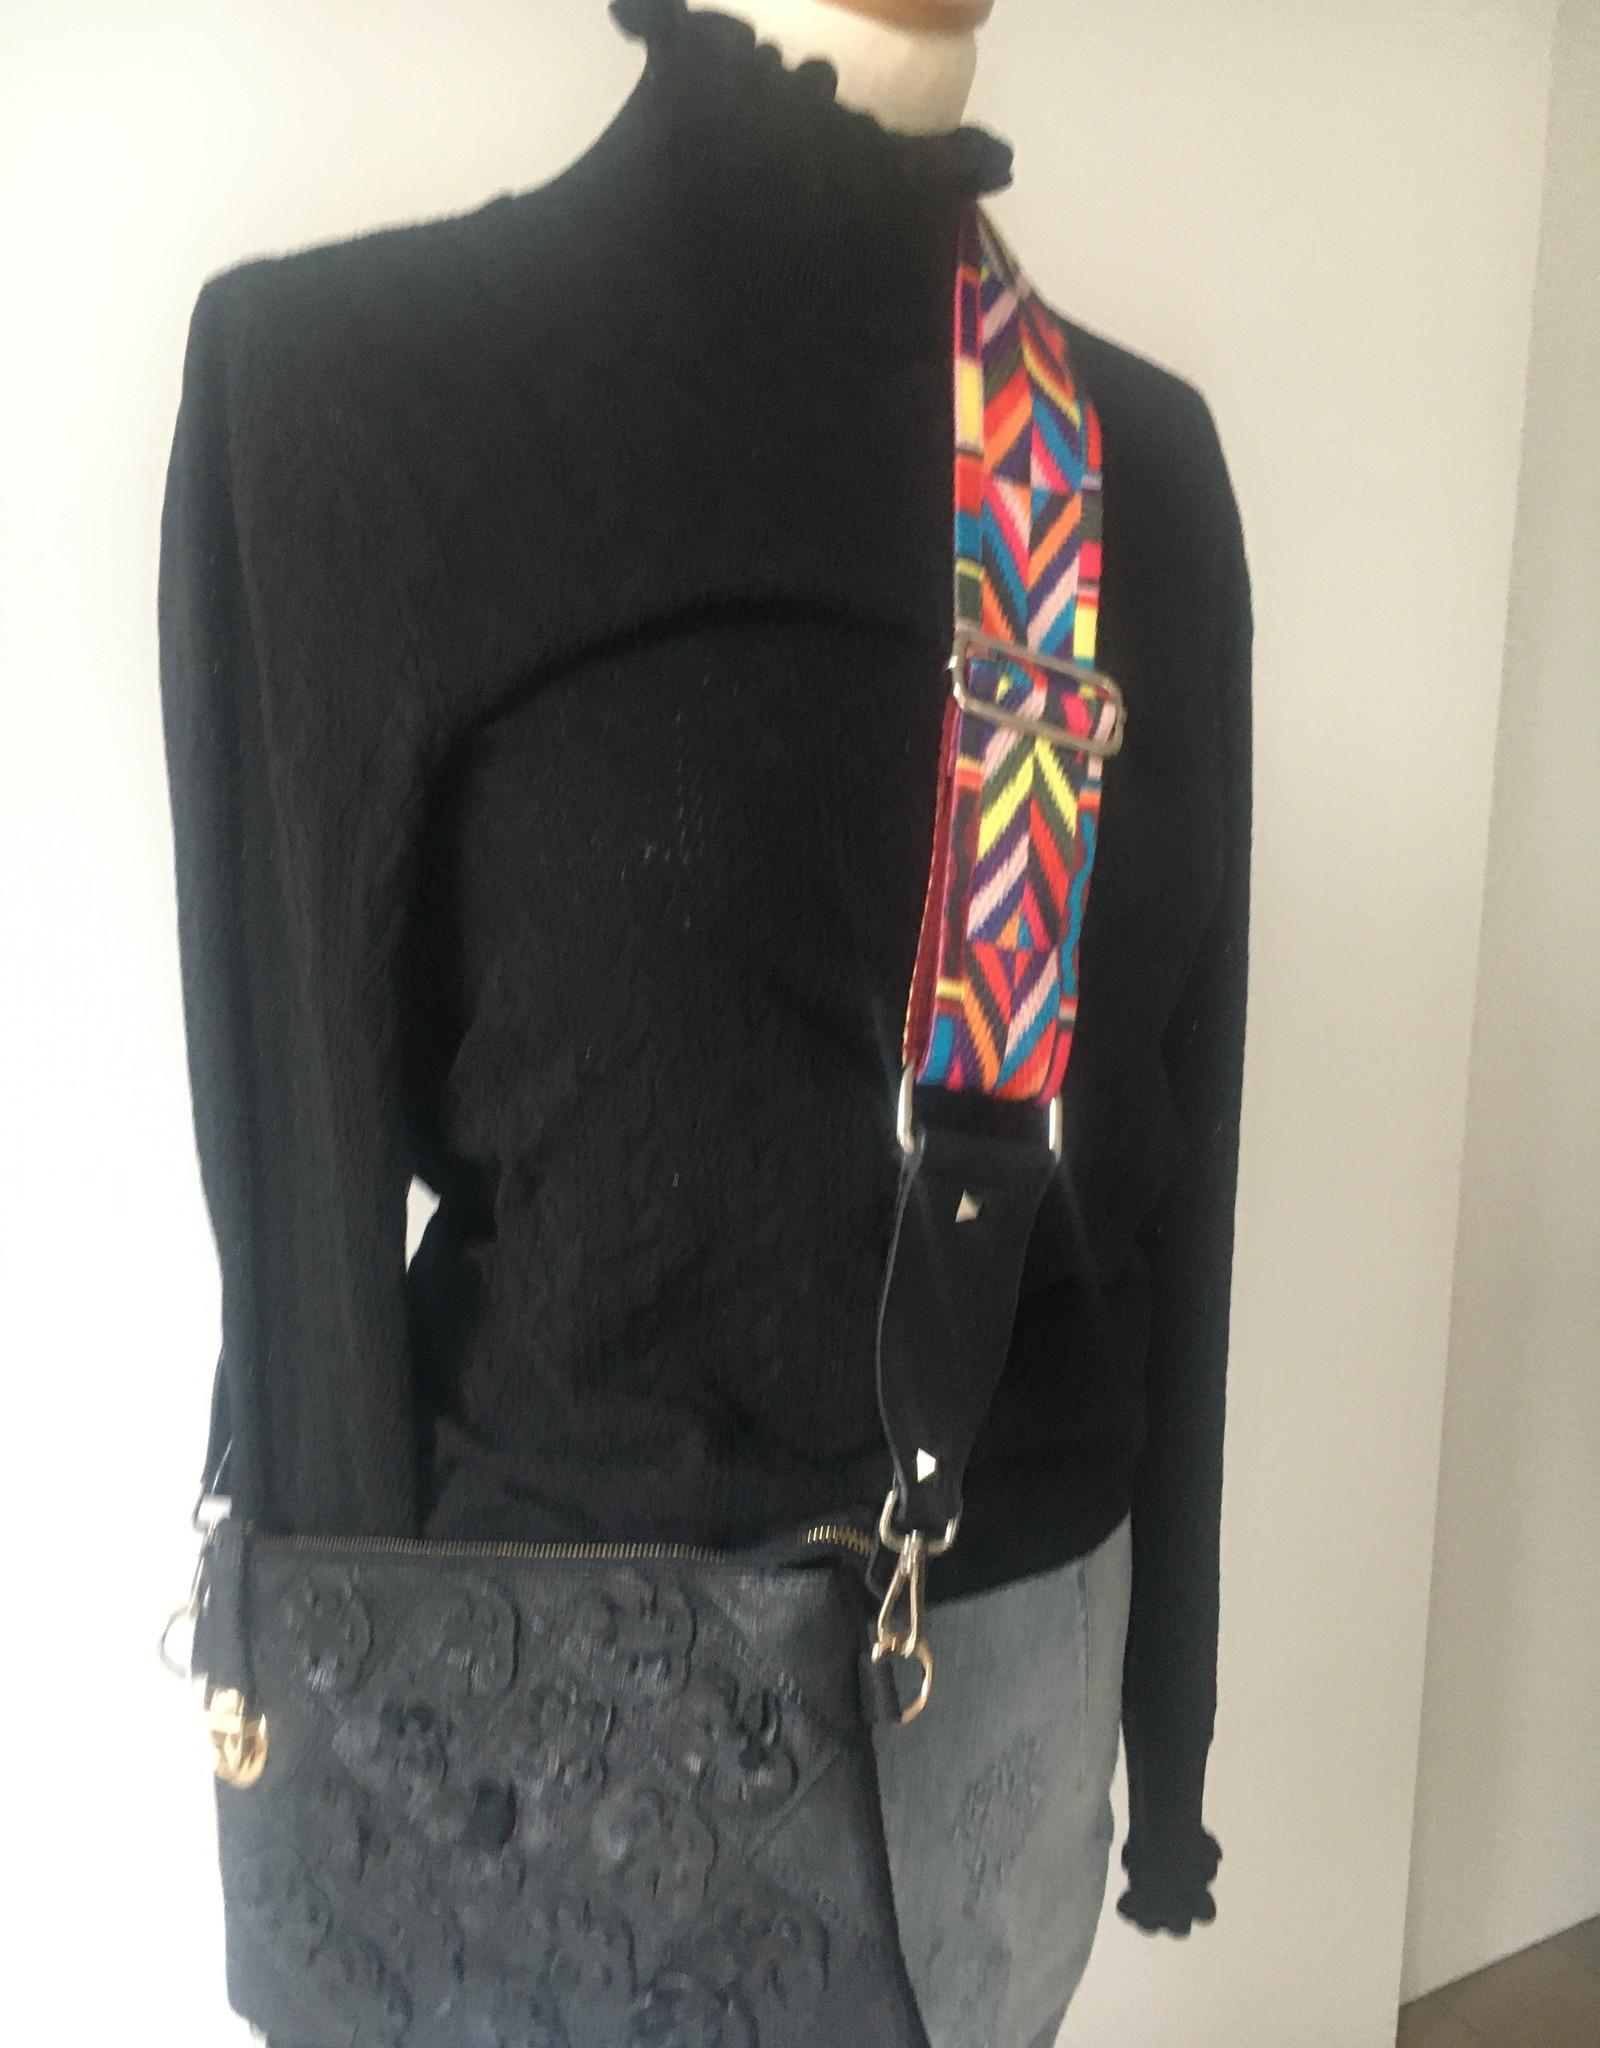 Gekleurde riem voor handtas